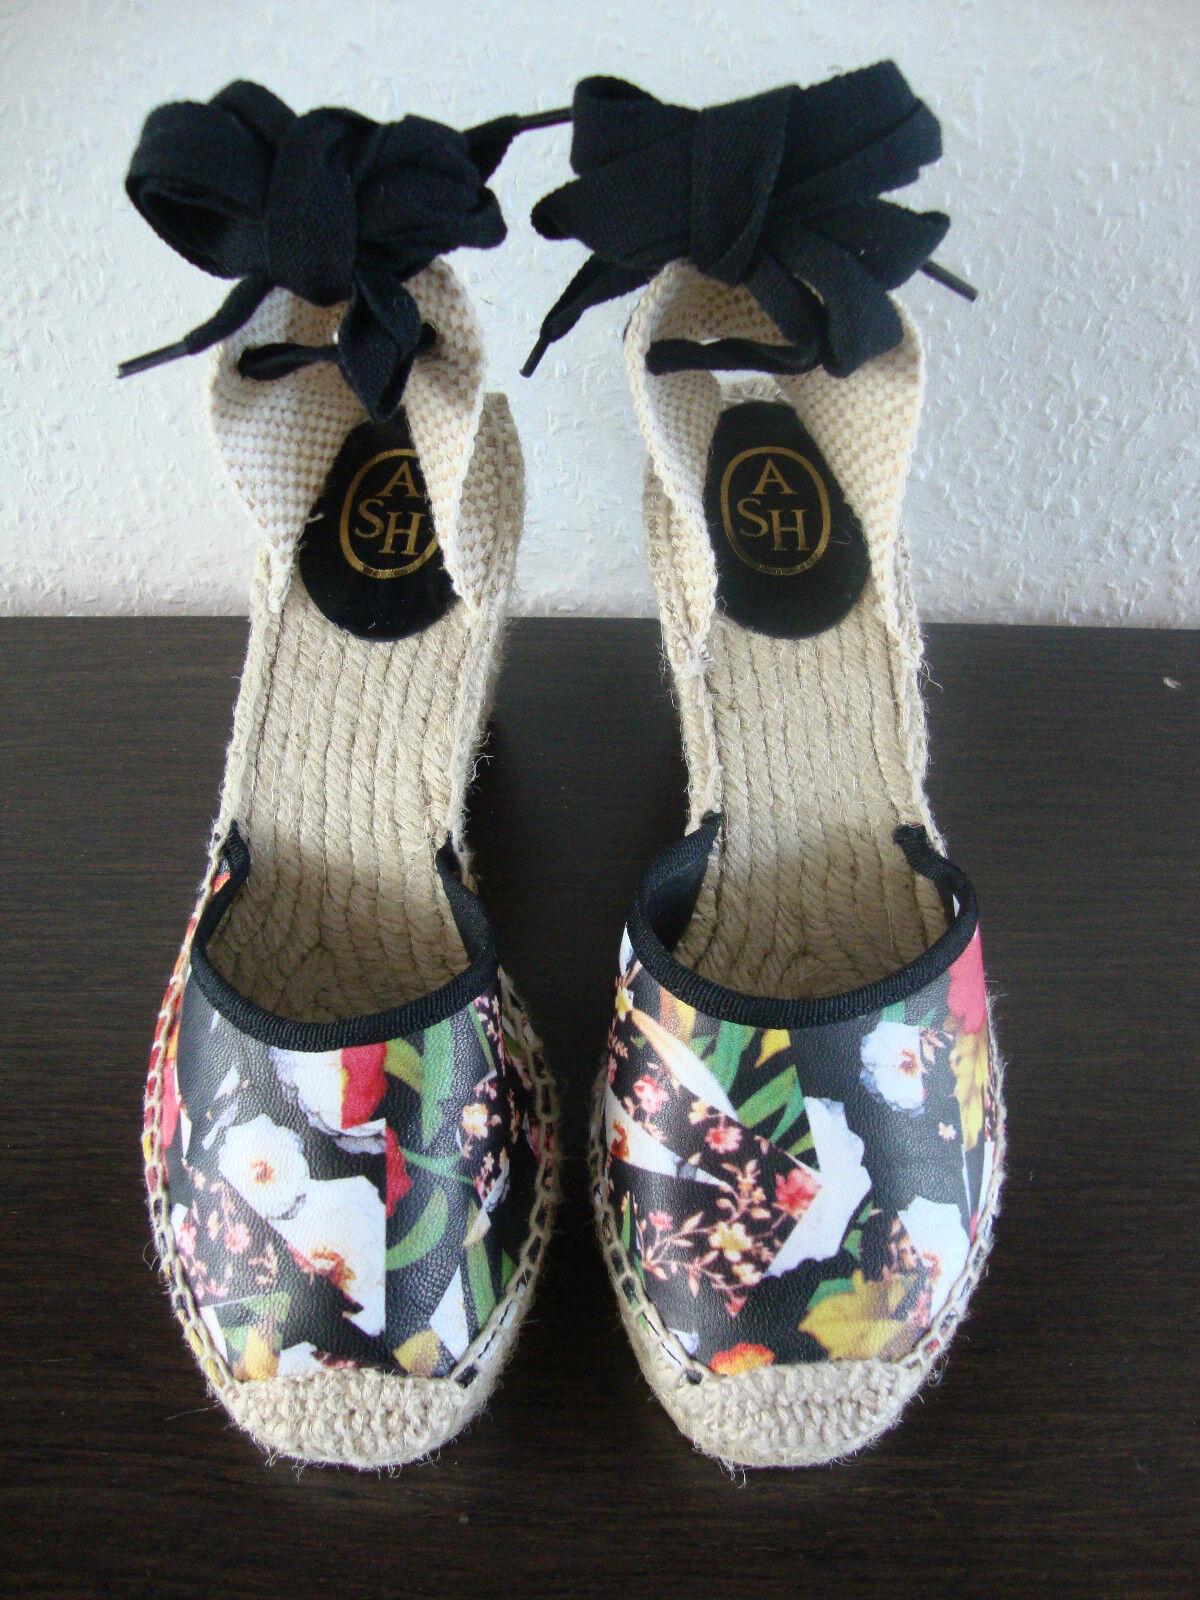 Ash Wanda Zeppa Sandals Scarpe in in in pelle sandali da donna Sandali Tg. 37 NUOVO f02b3a